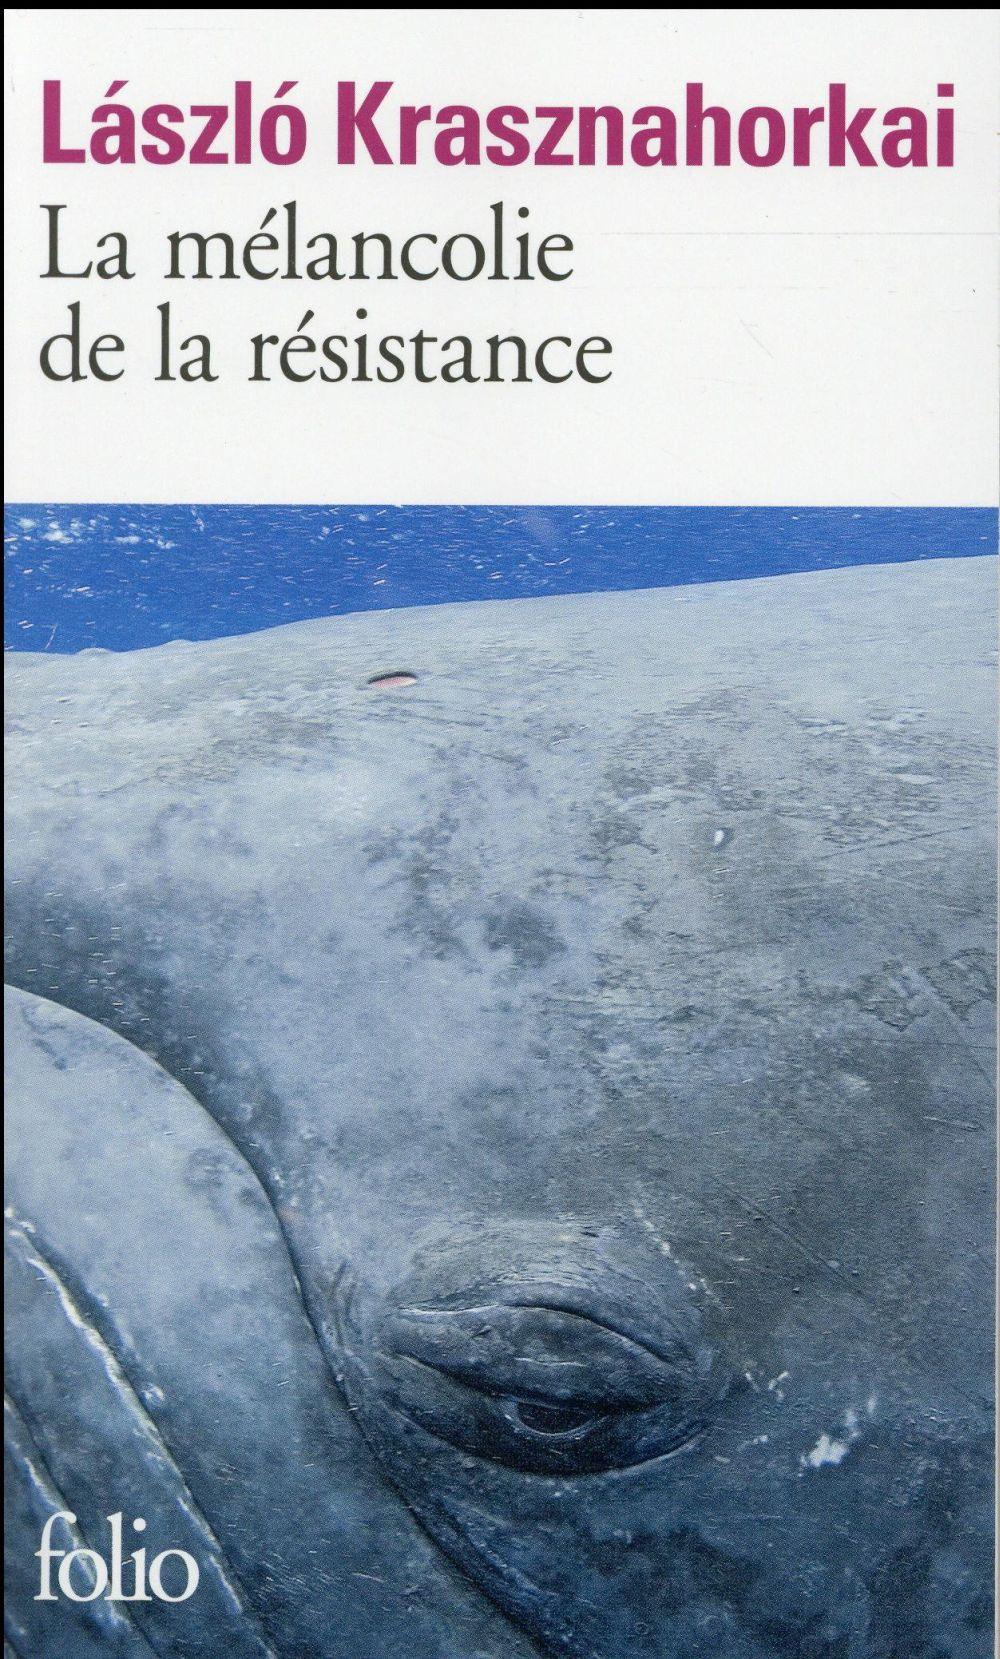 LA MELANCOLIE DE LA RESISTANCE